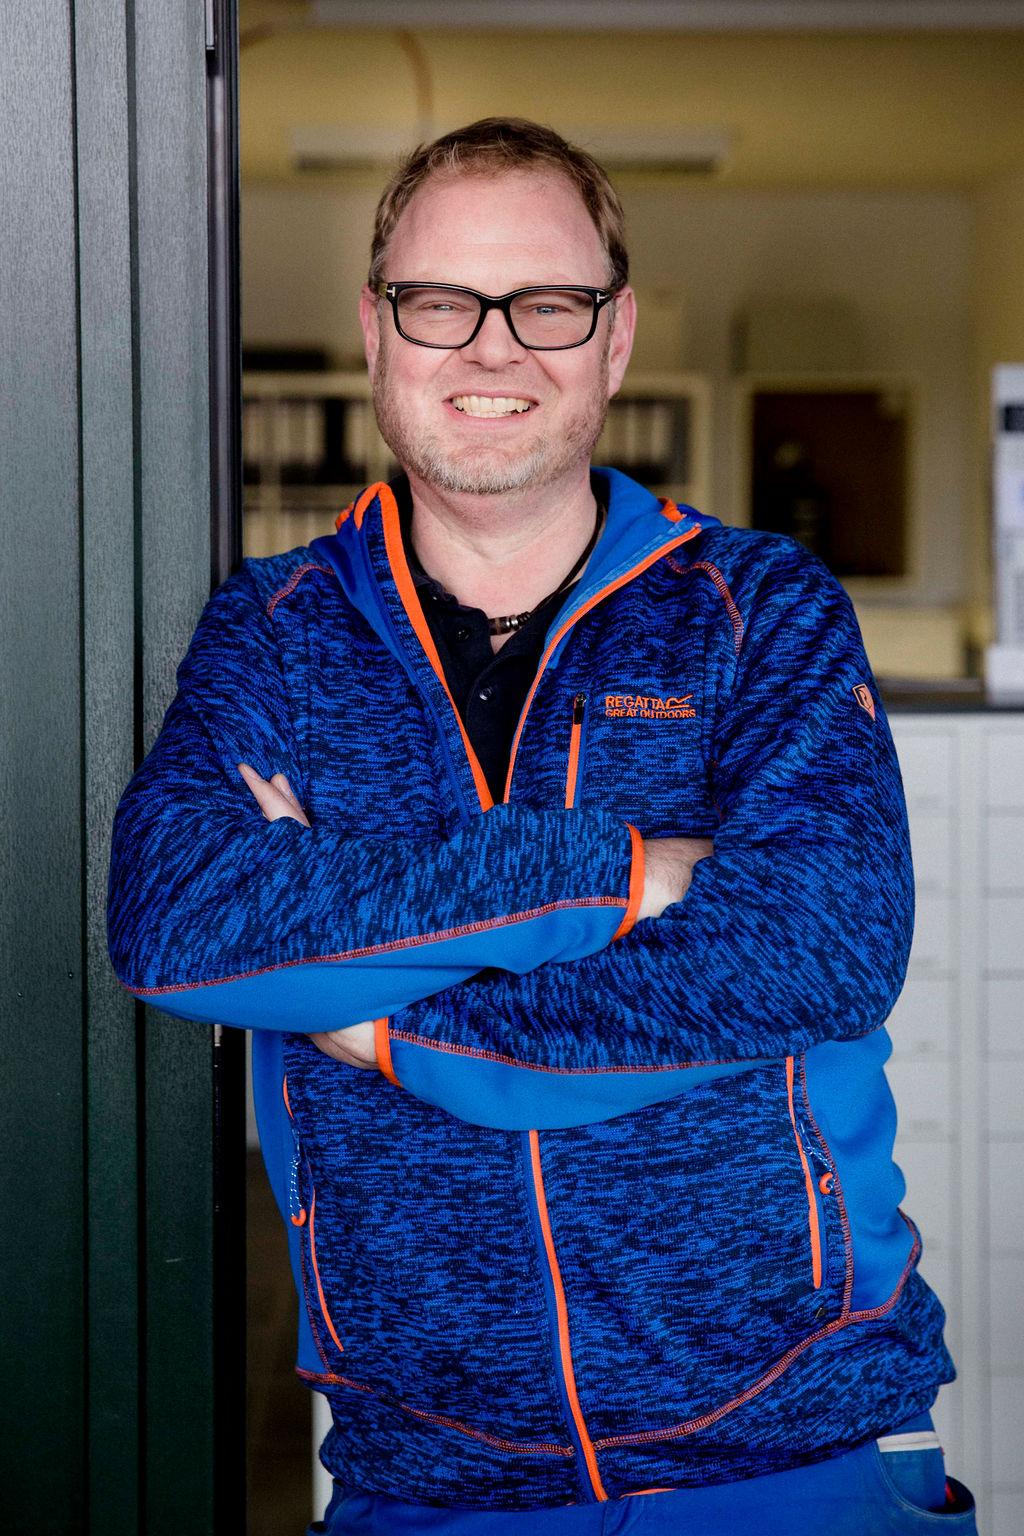 Markus Rommerskirchen